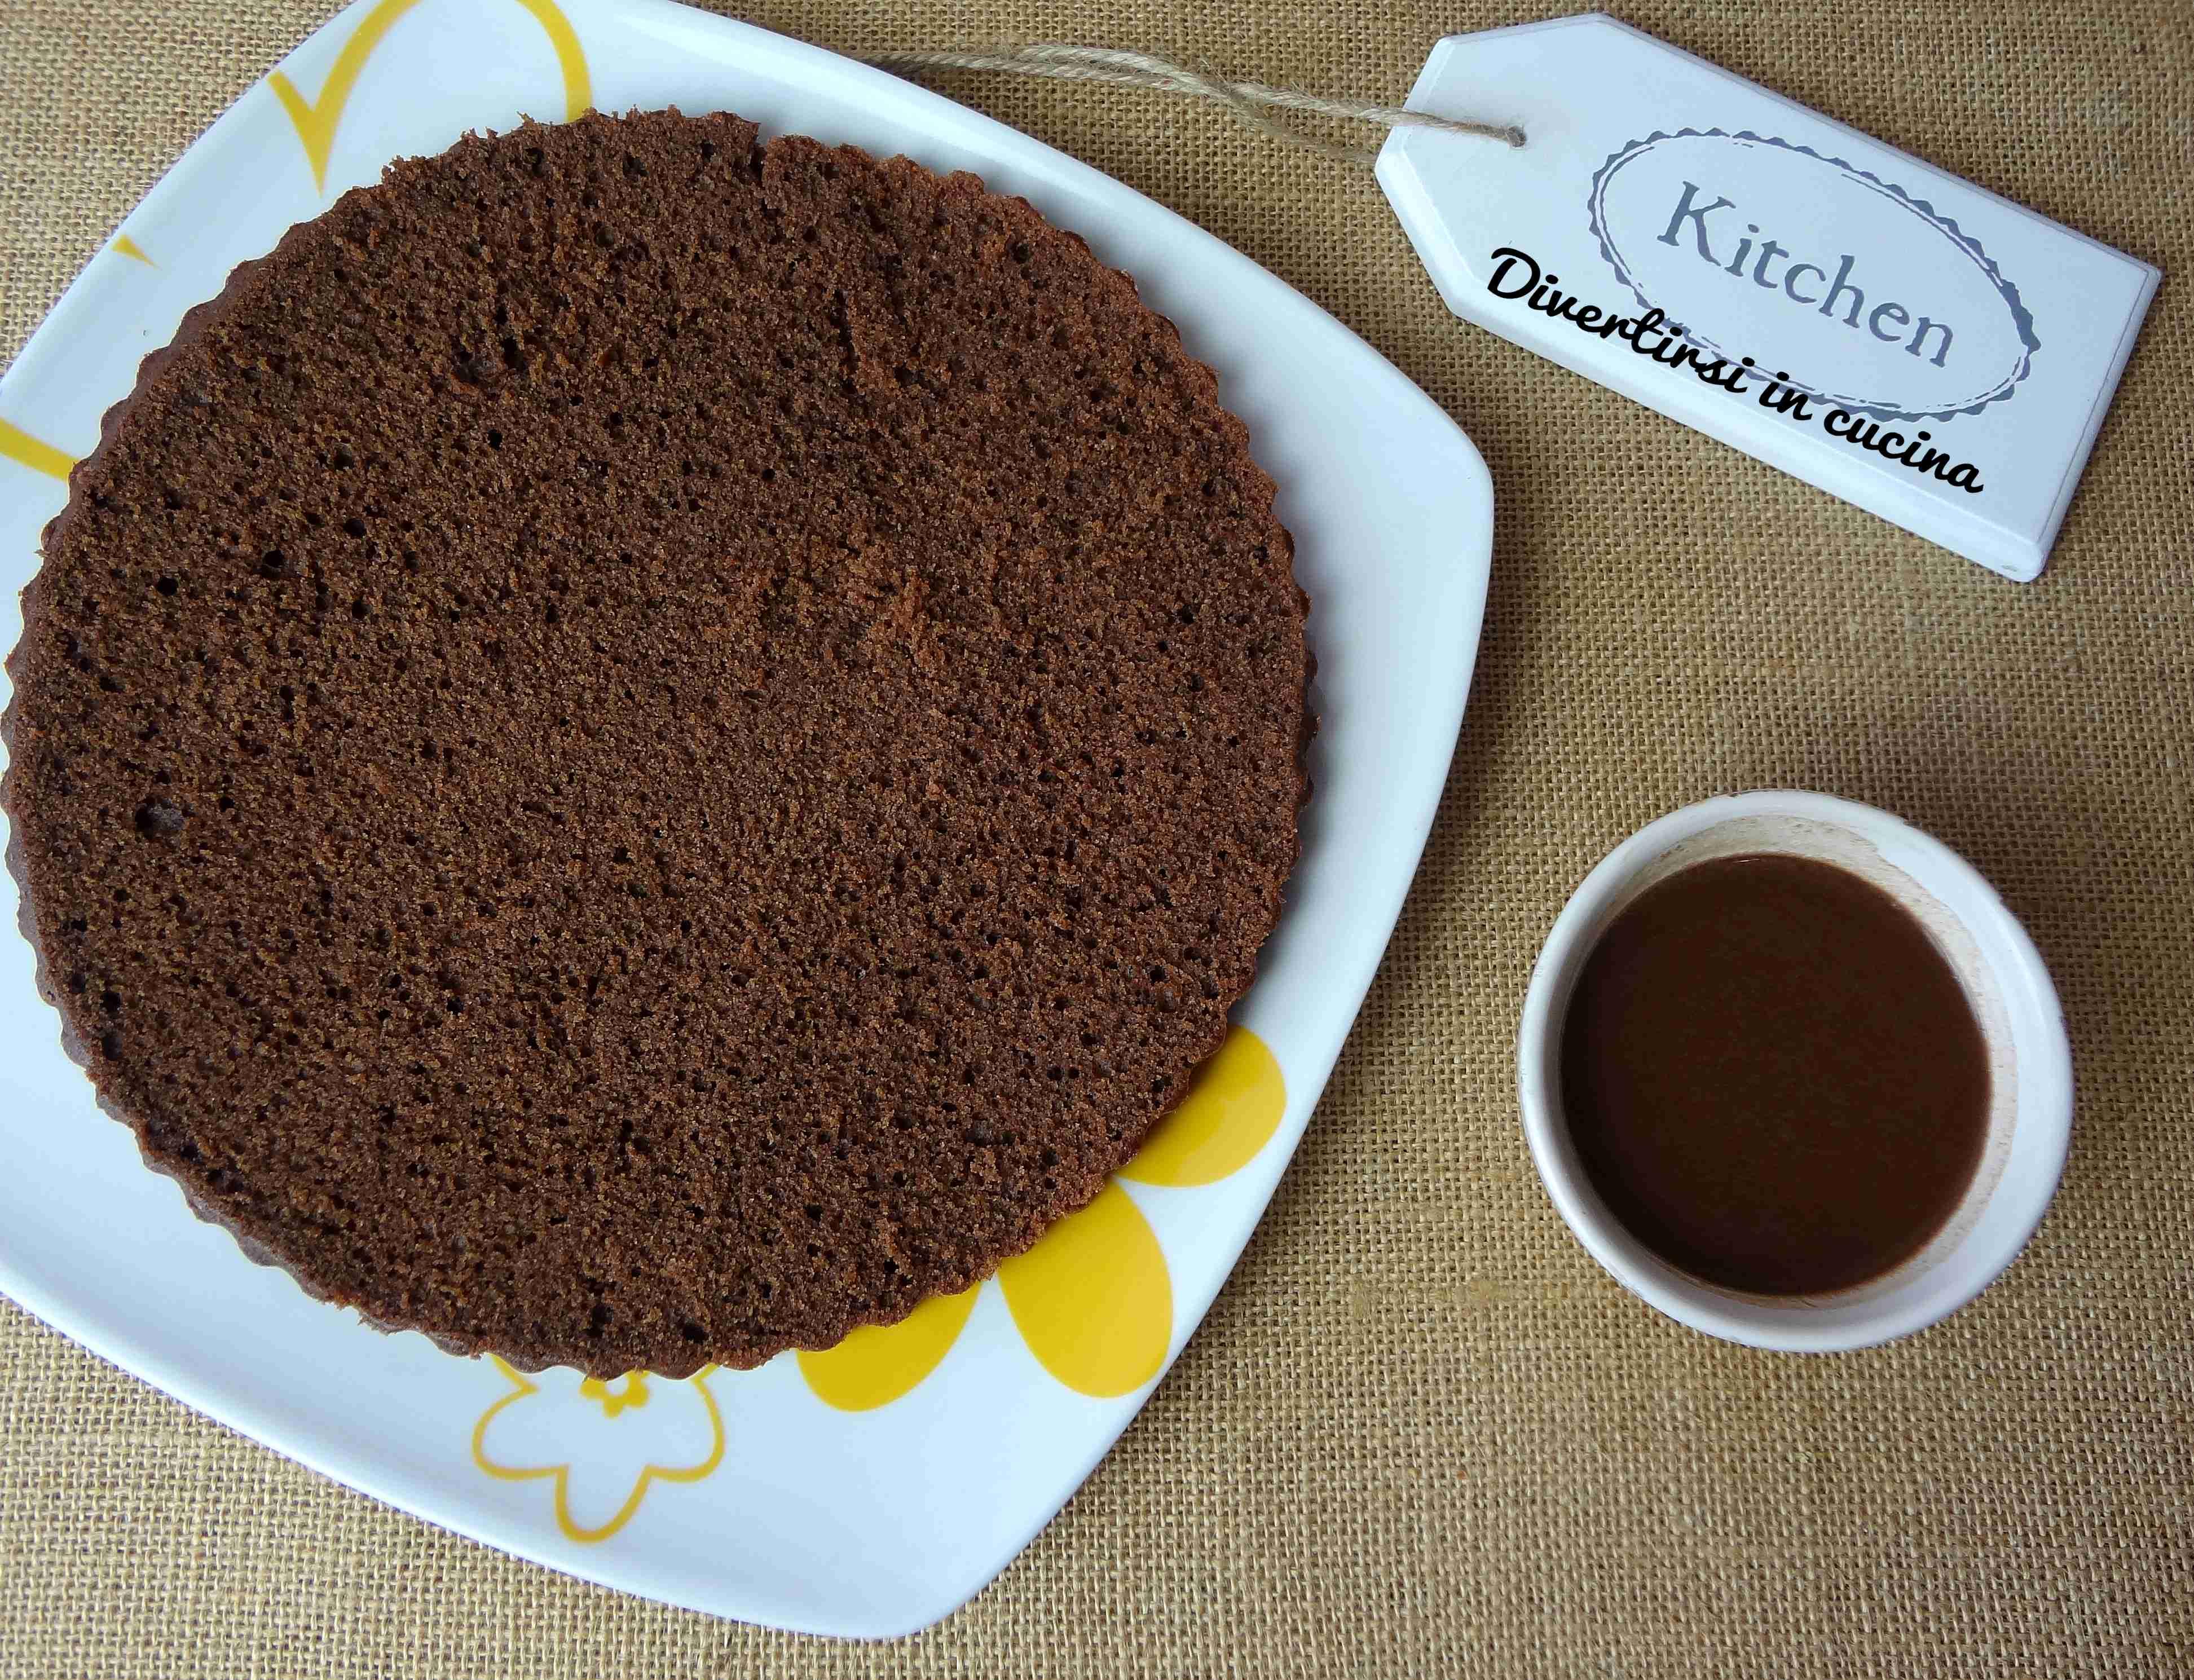 Basa analcolica per torte al cacao, semplice e veloce | Divertirsi ...